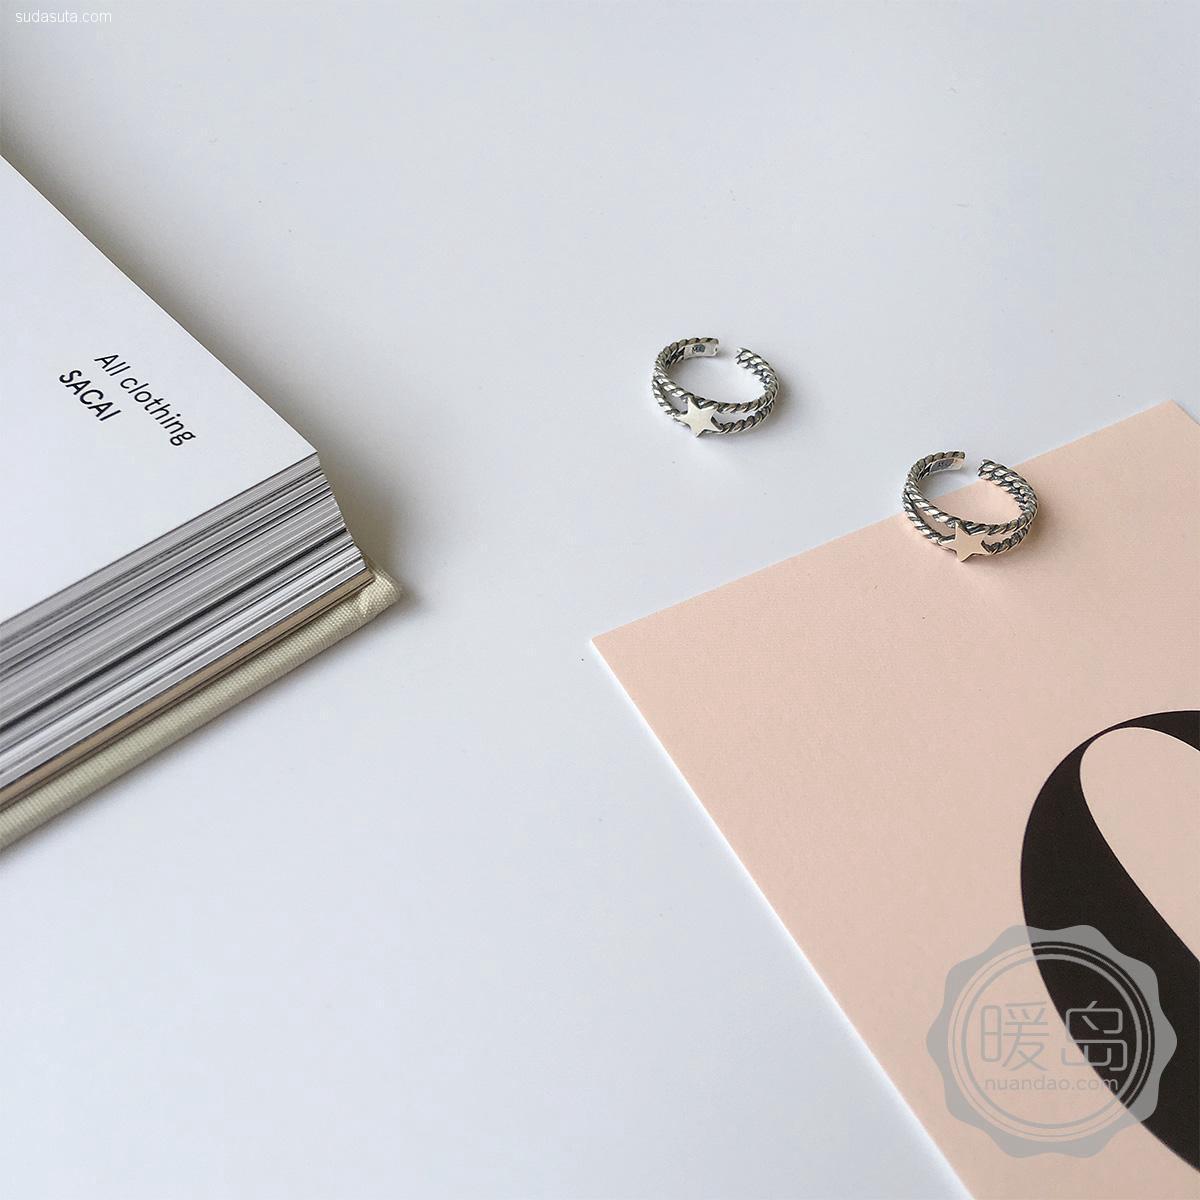 独立设计品牌 MIKI DINGZHI